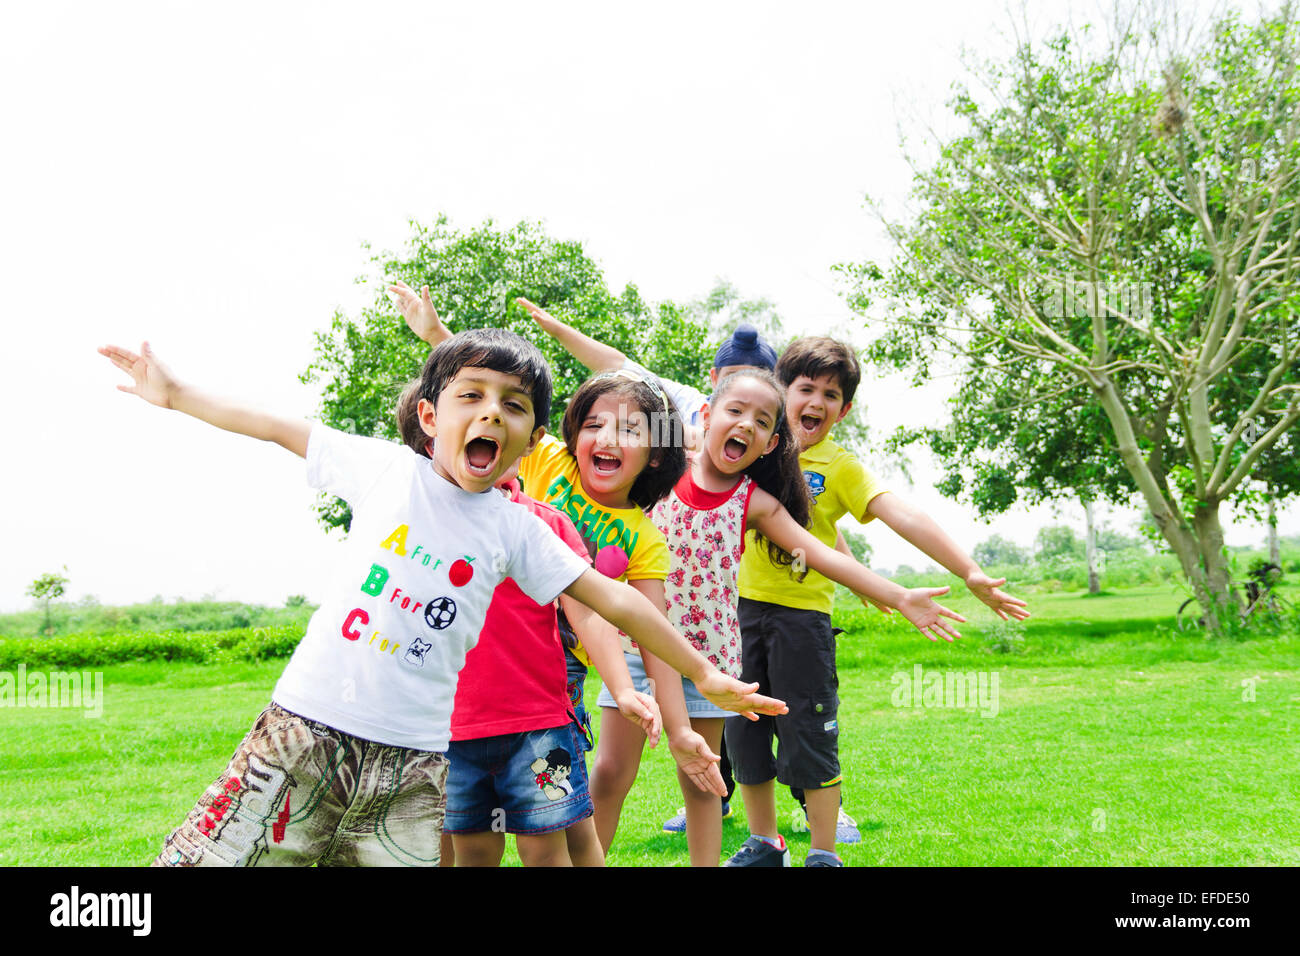 indian children group crowds friends Park Mischief Stock ...